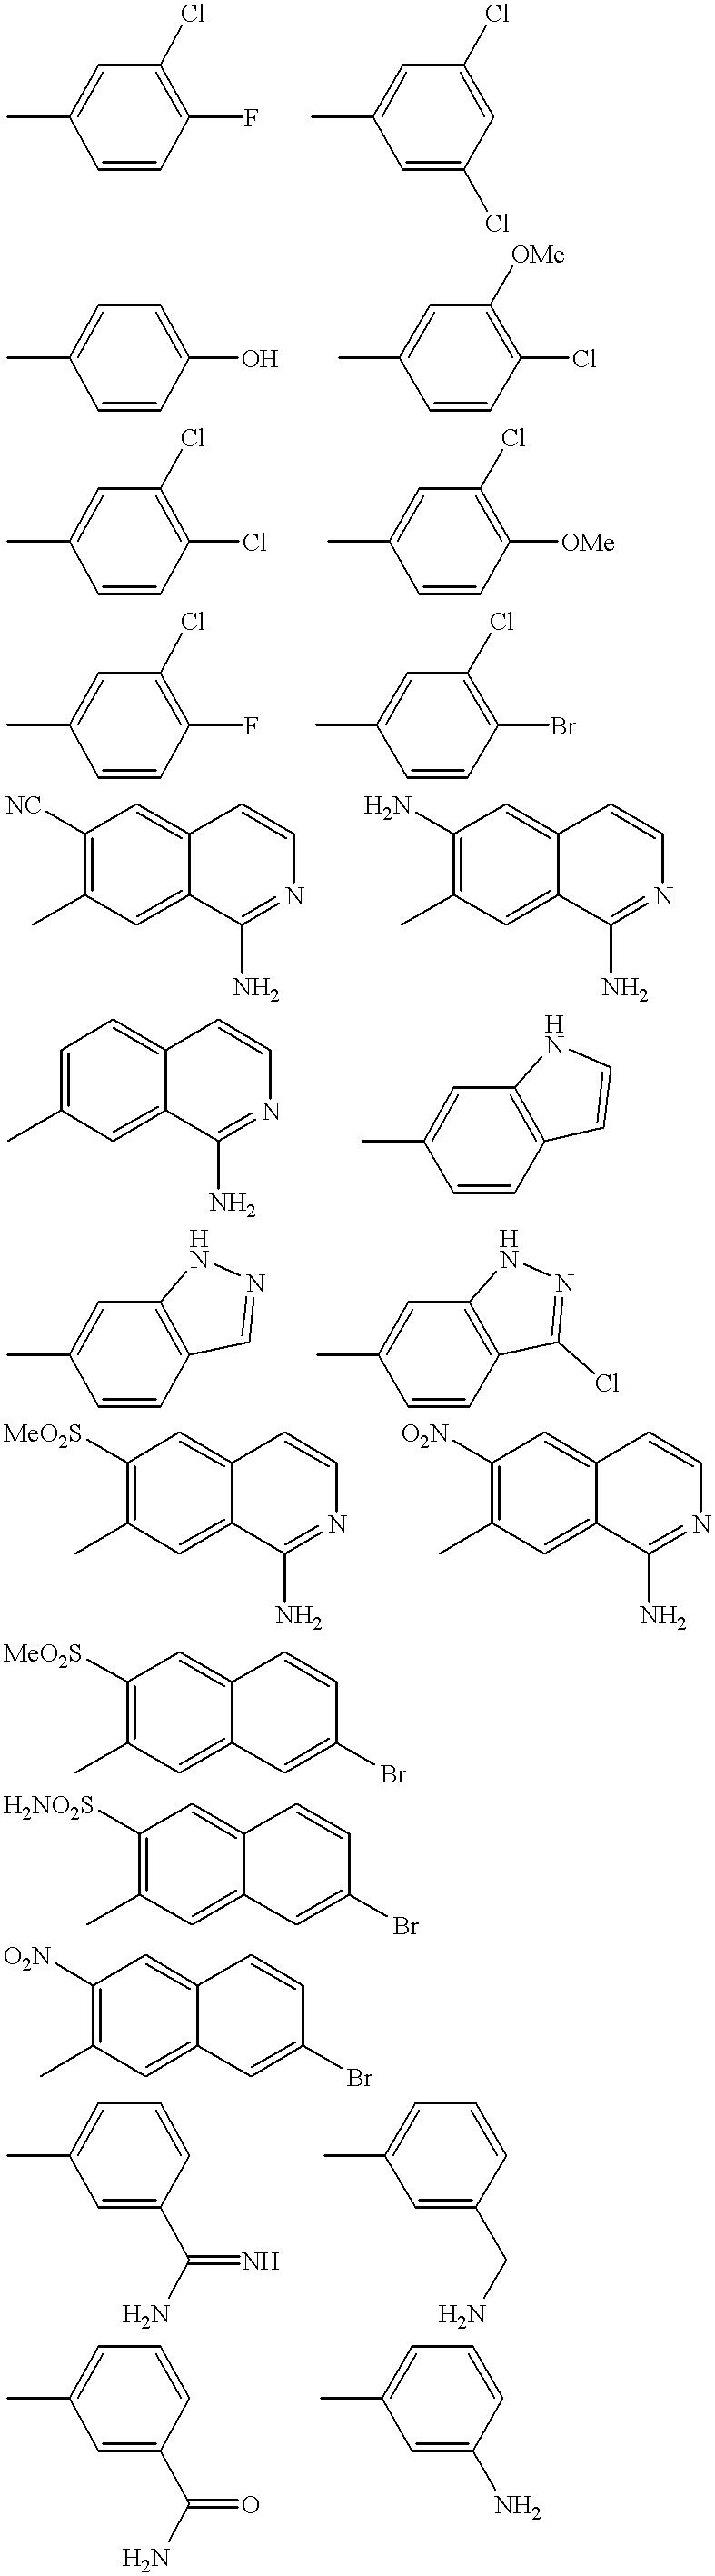 Figure US06376515-20020423-C00009